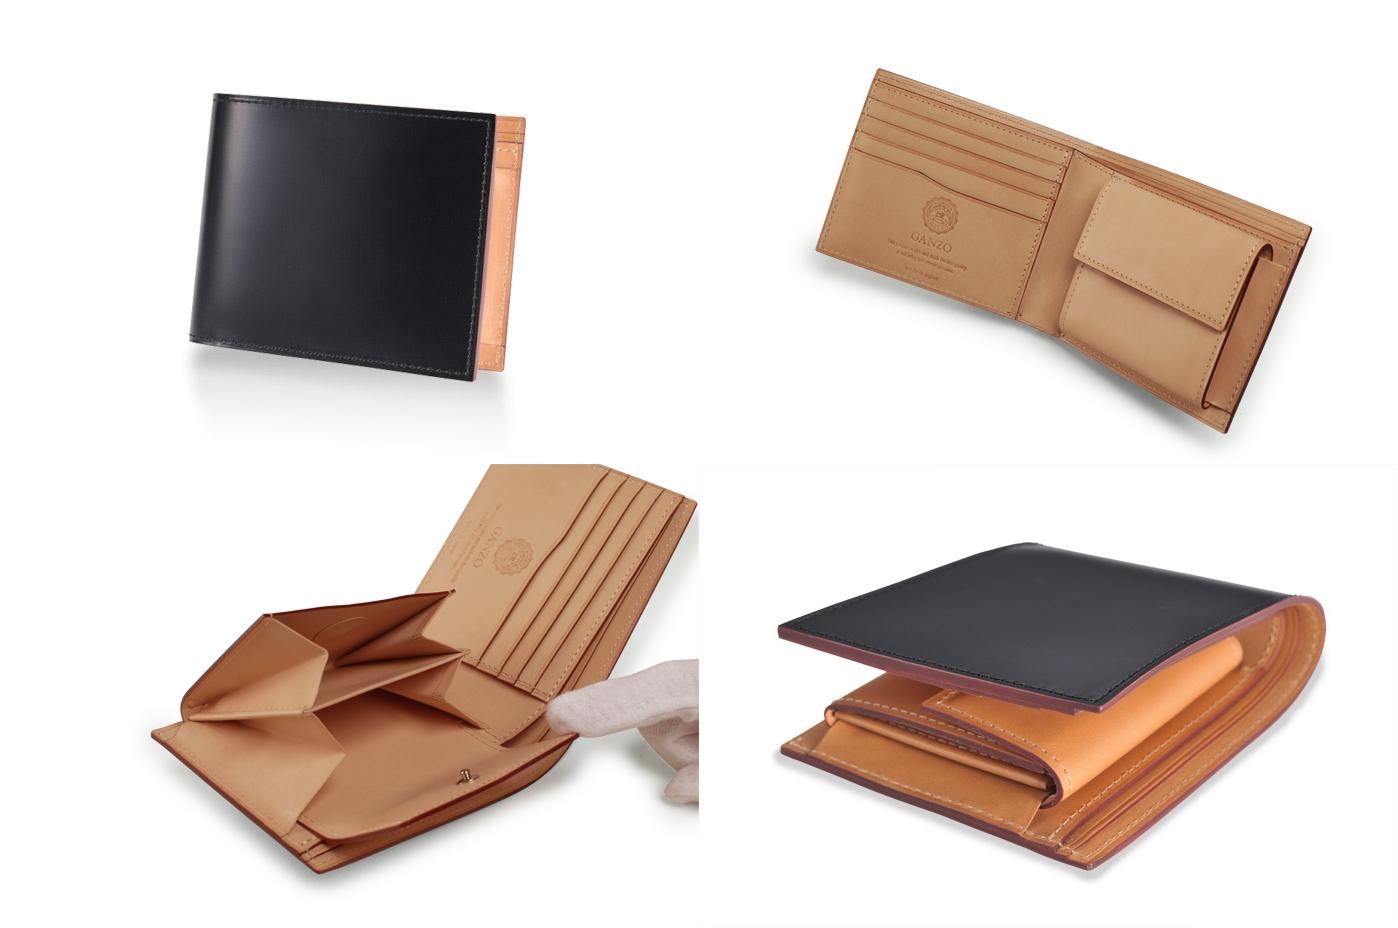 GANZO ガンゾ CORDOVAN (コードバン) 小銭入れ付き二つ折り財布 デザイン